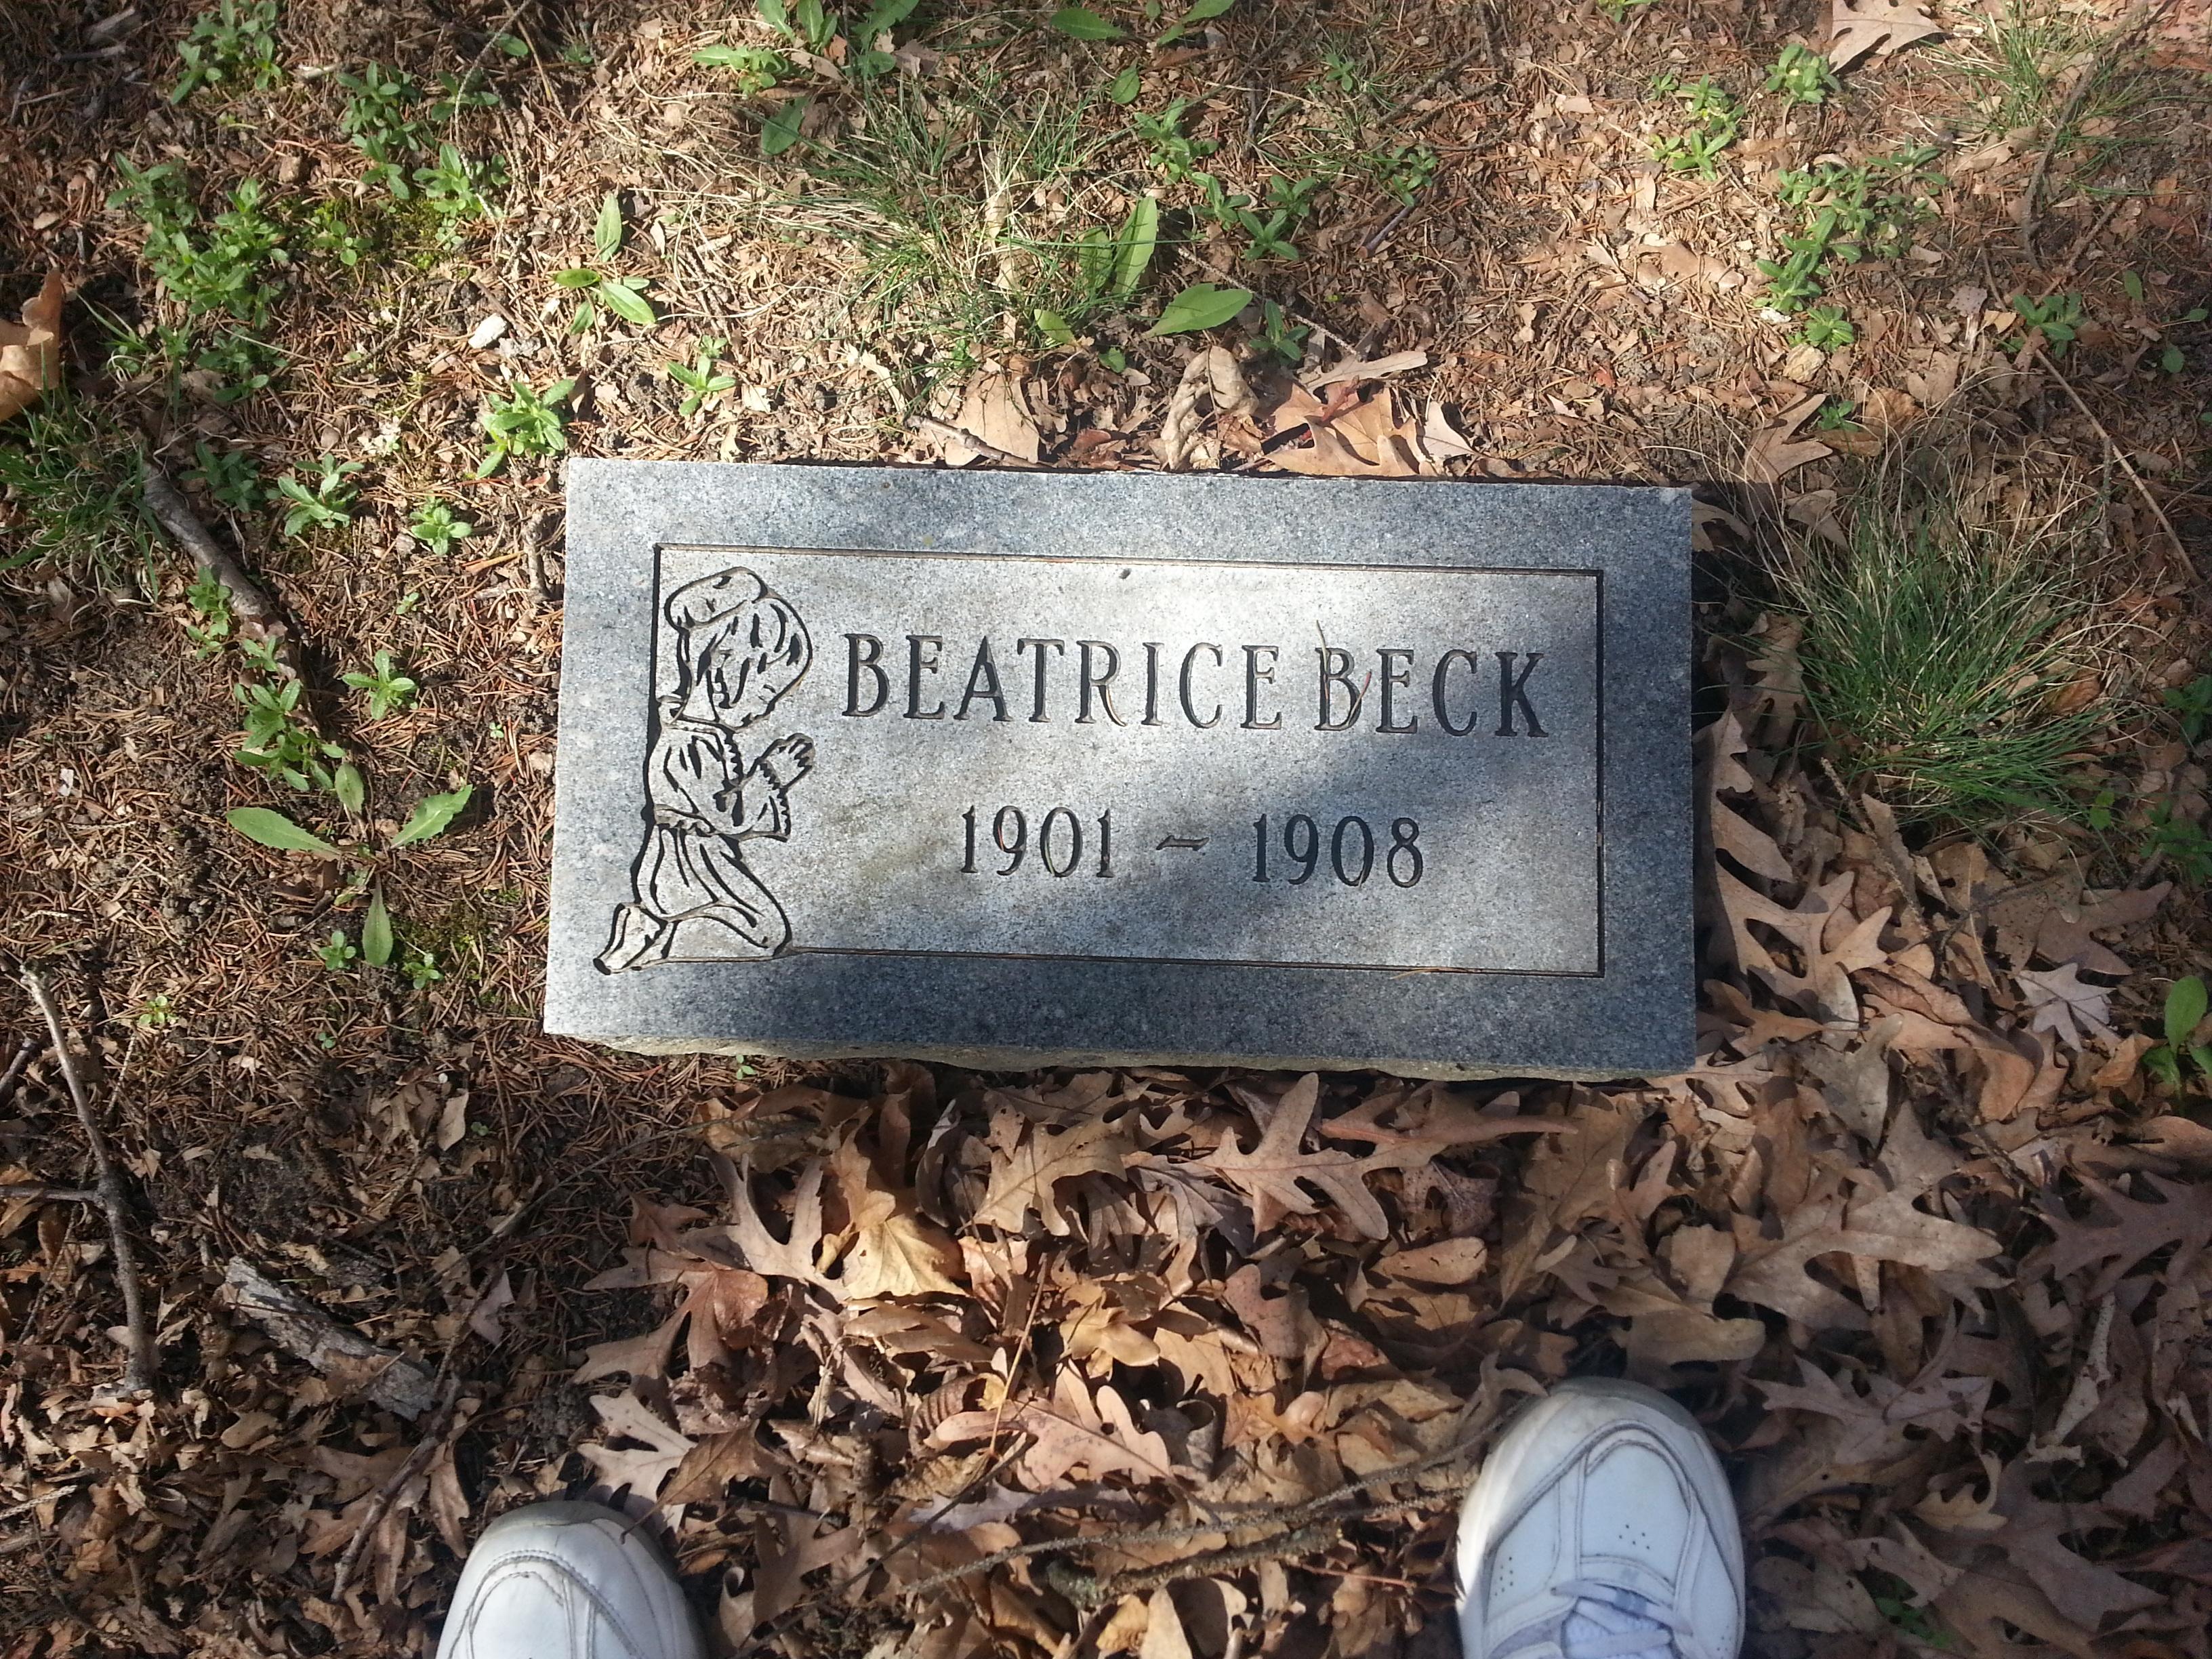 Beatrice Beck